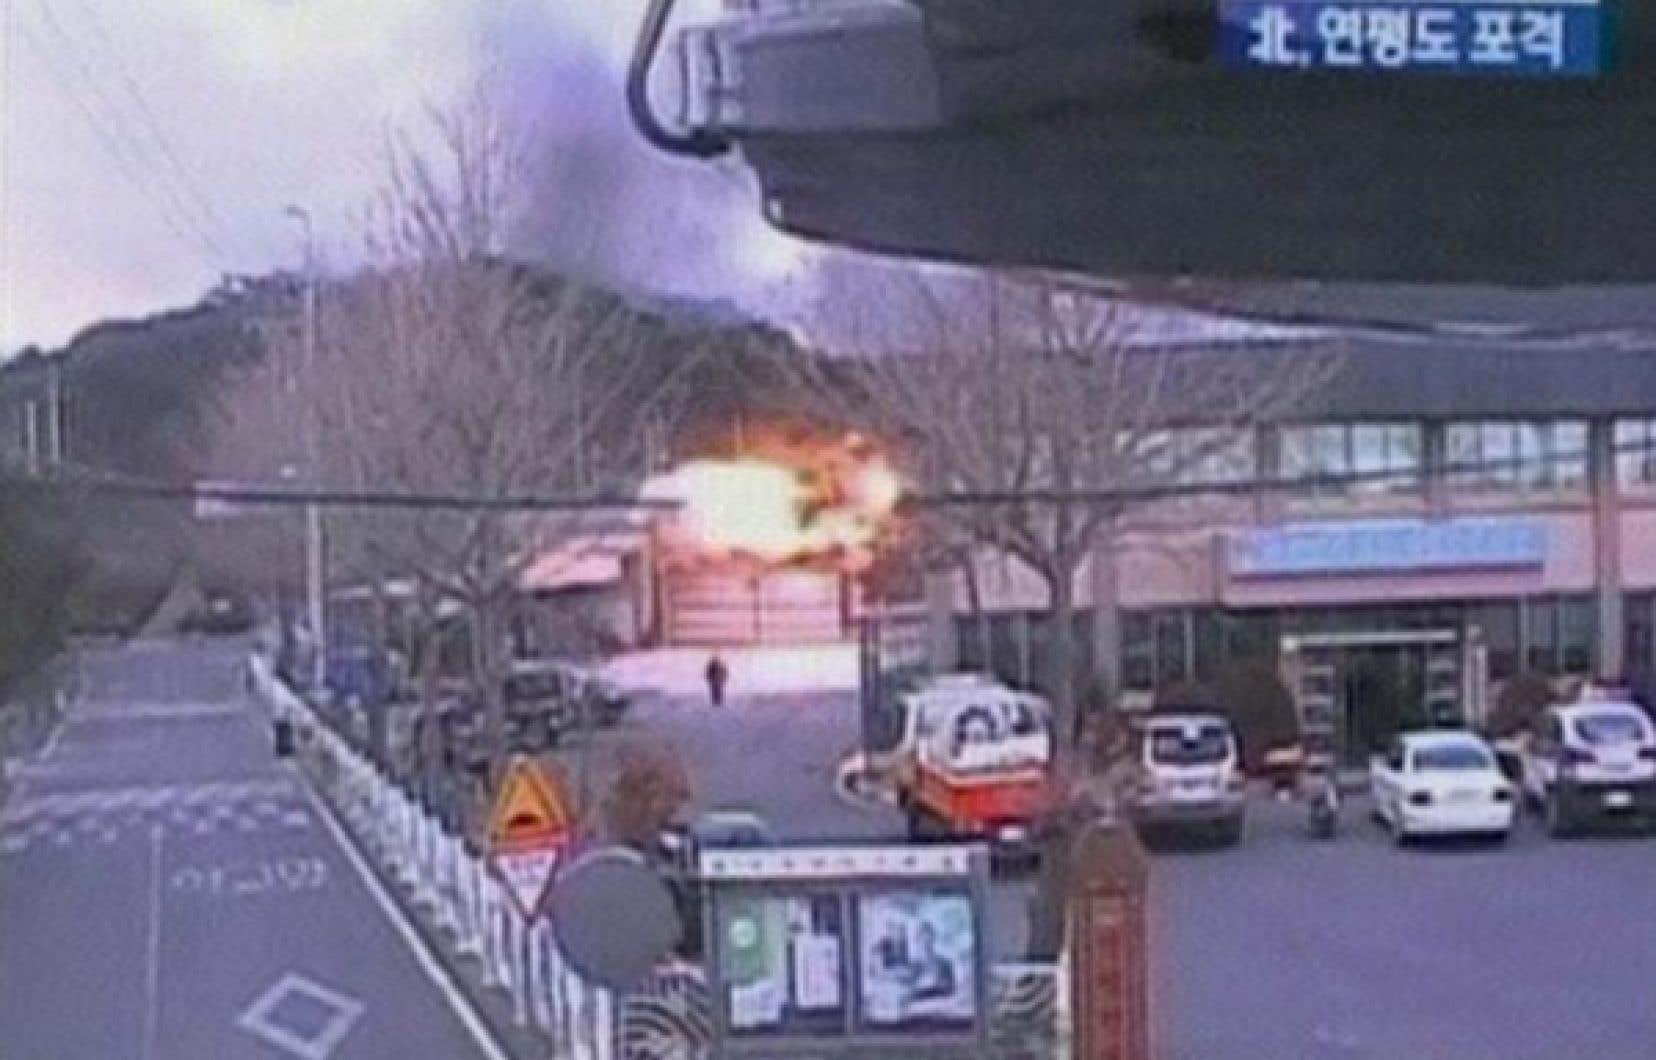 Photo provenant de la chaîne de télévision KBS, pendant l'échange de tir. <br />